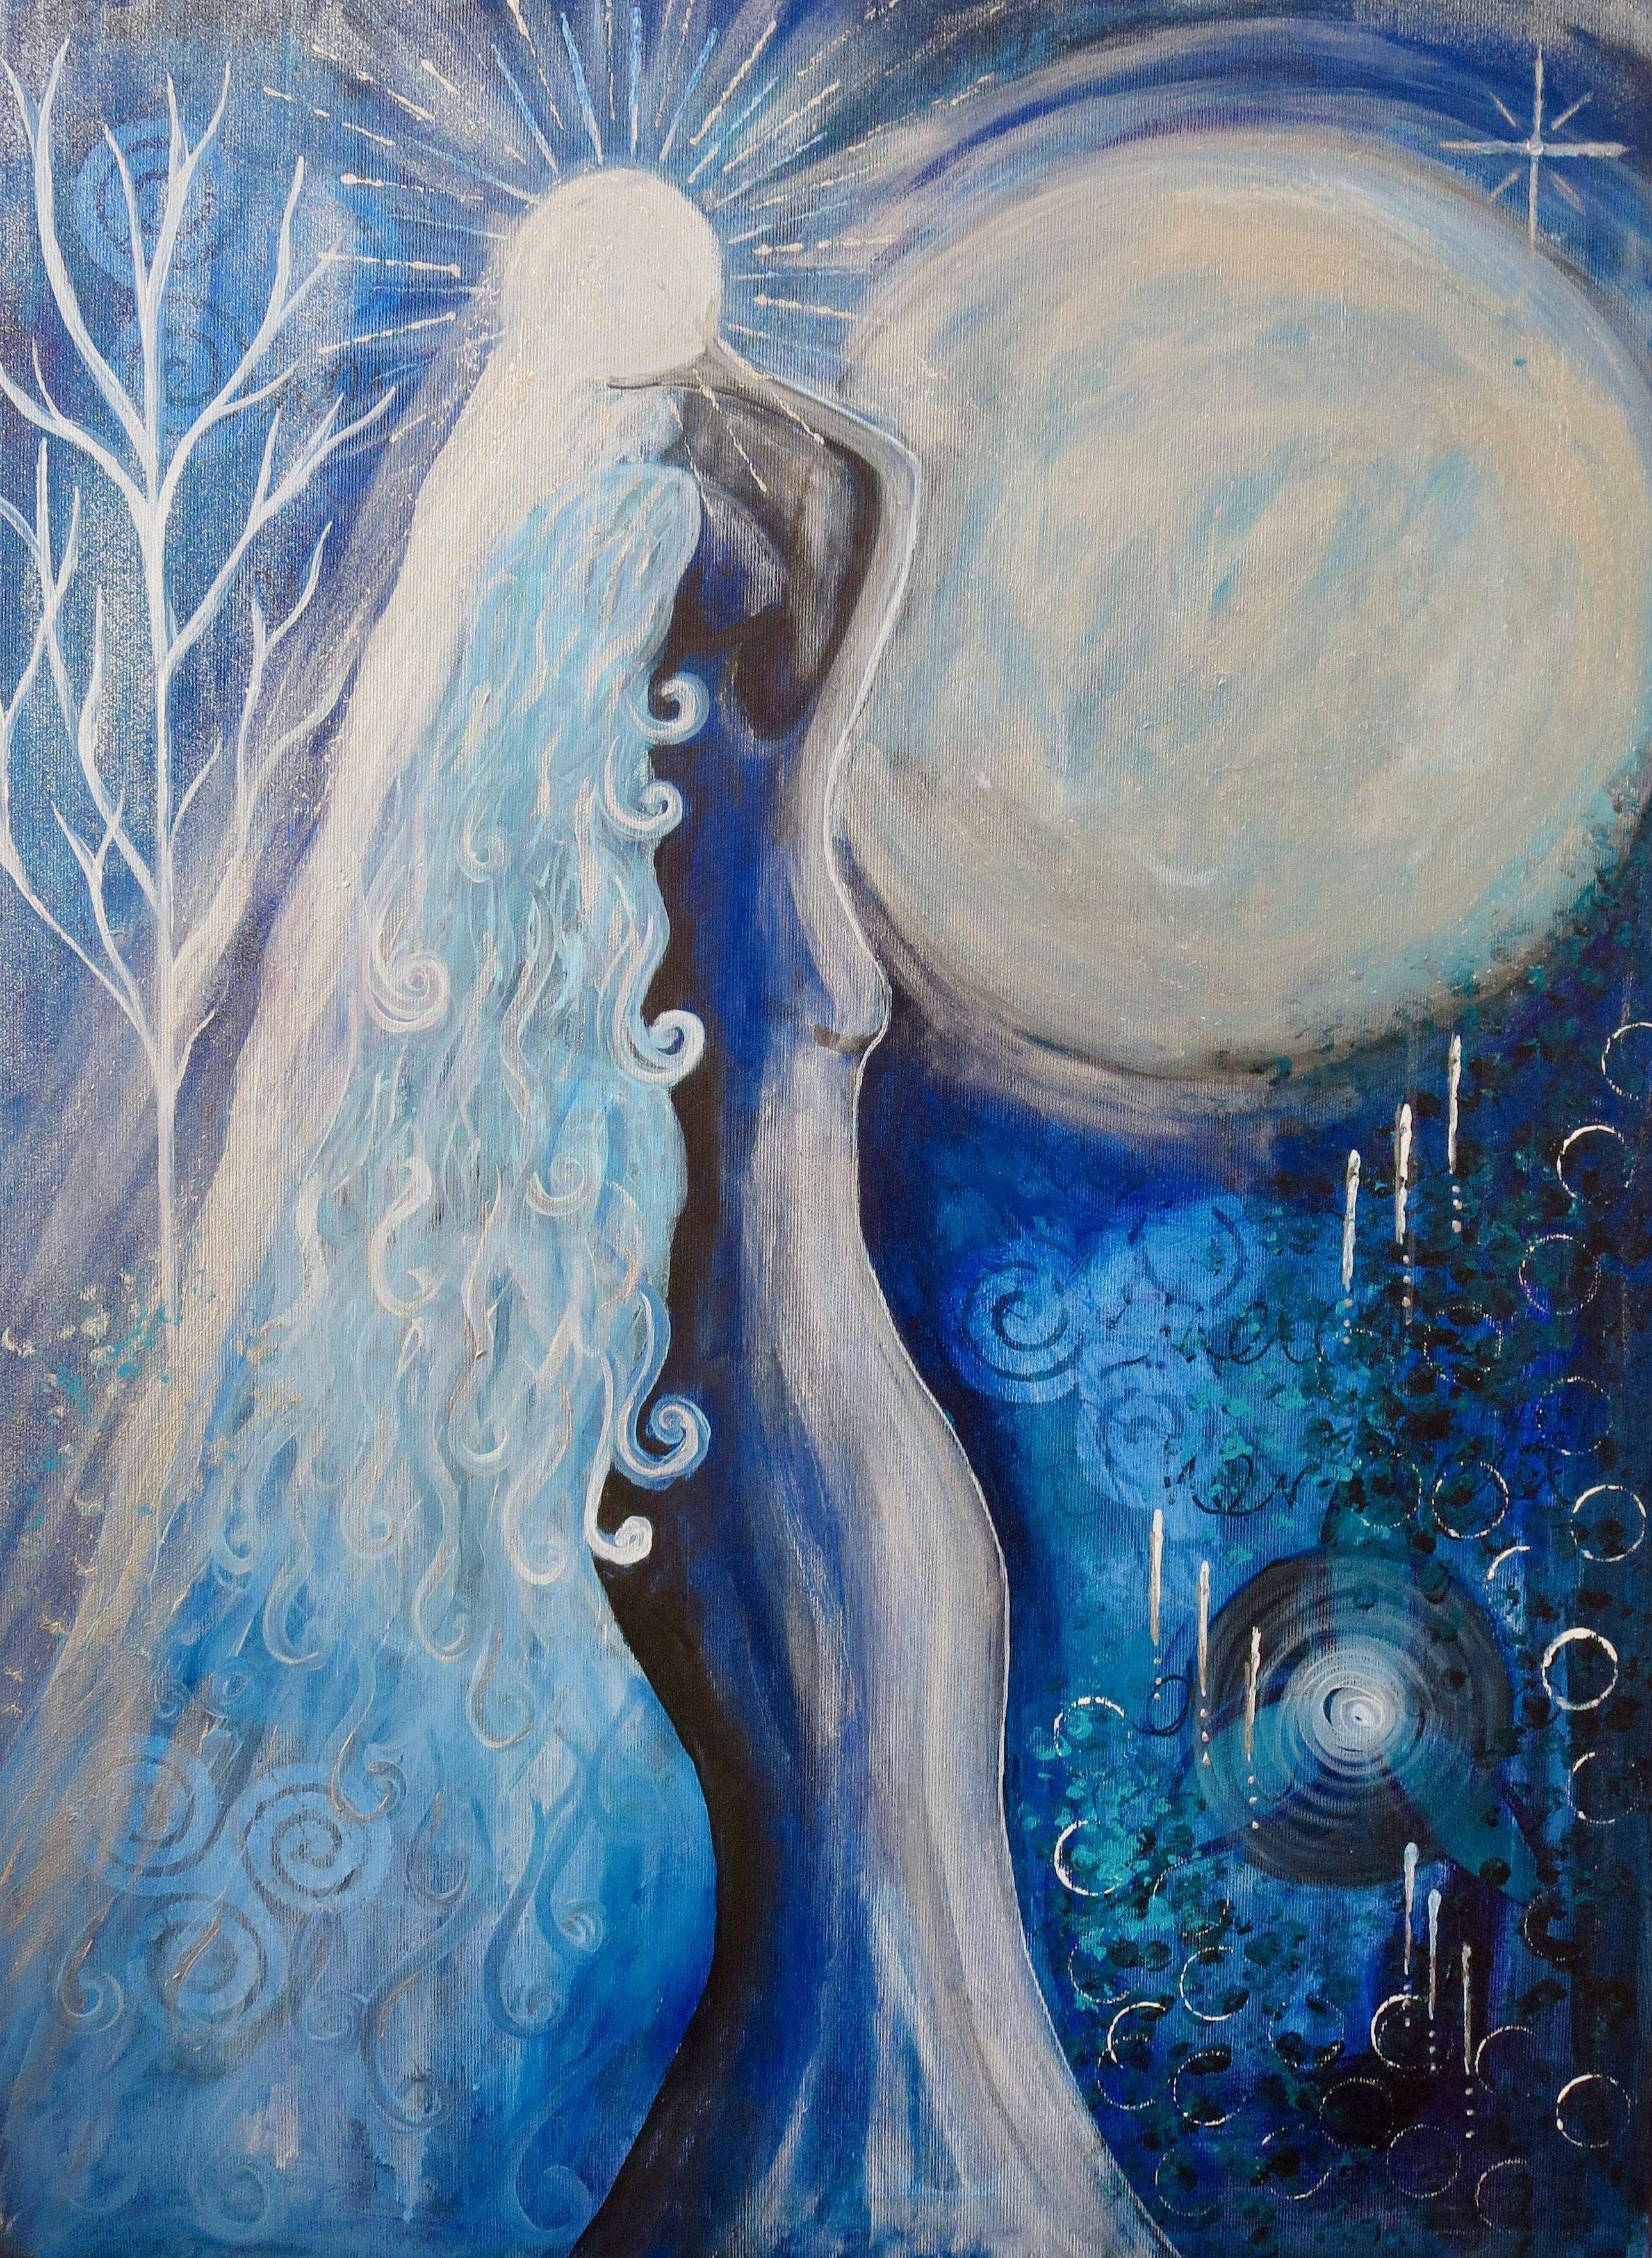 Goddess Selene - The Blue Moon Goddess